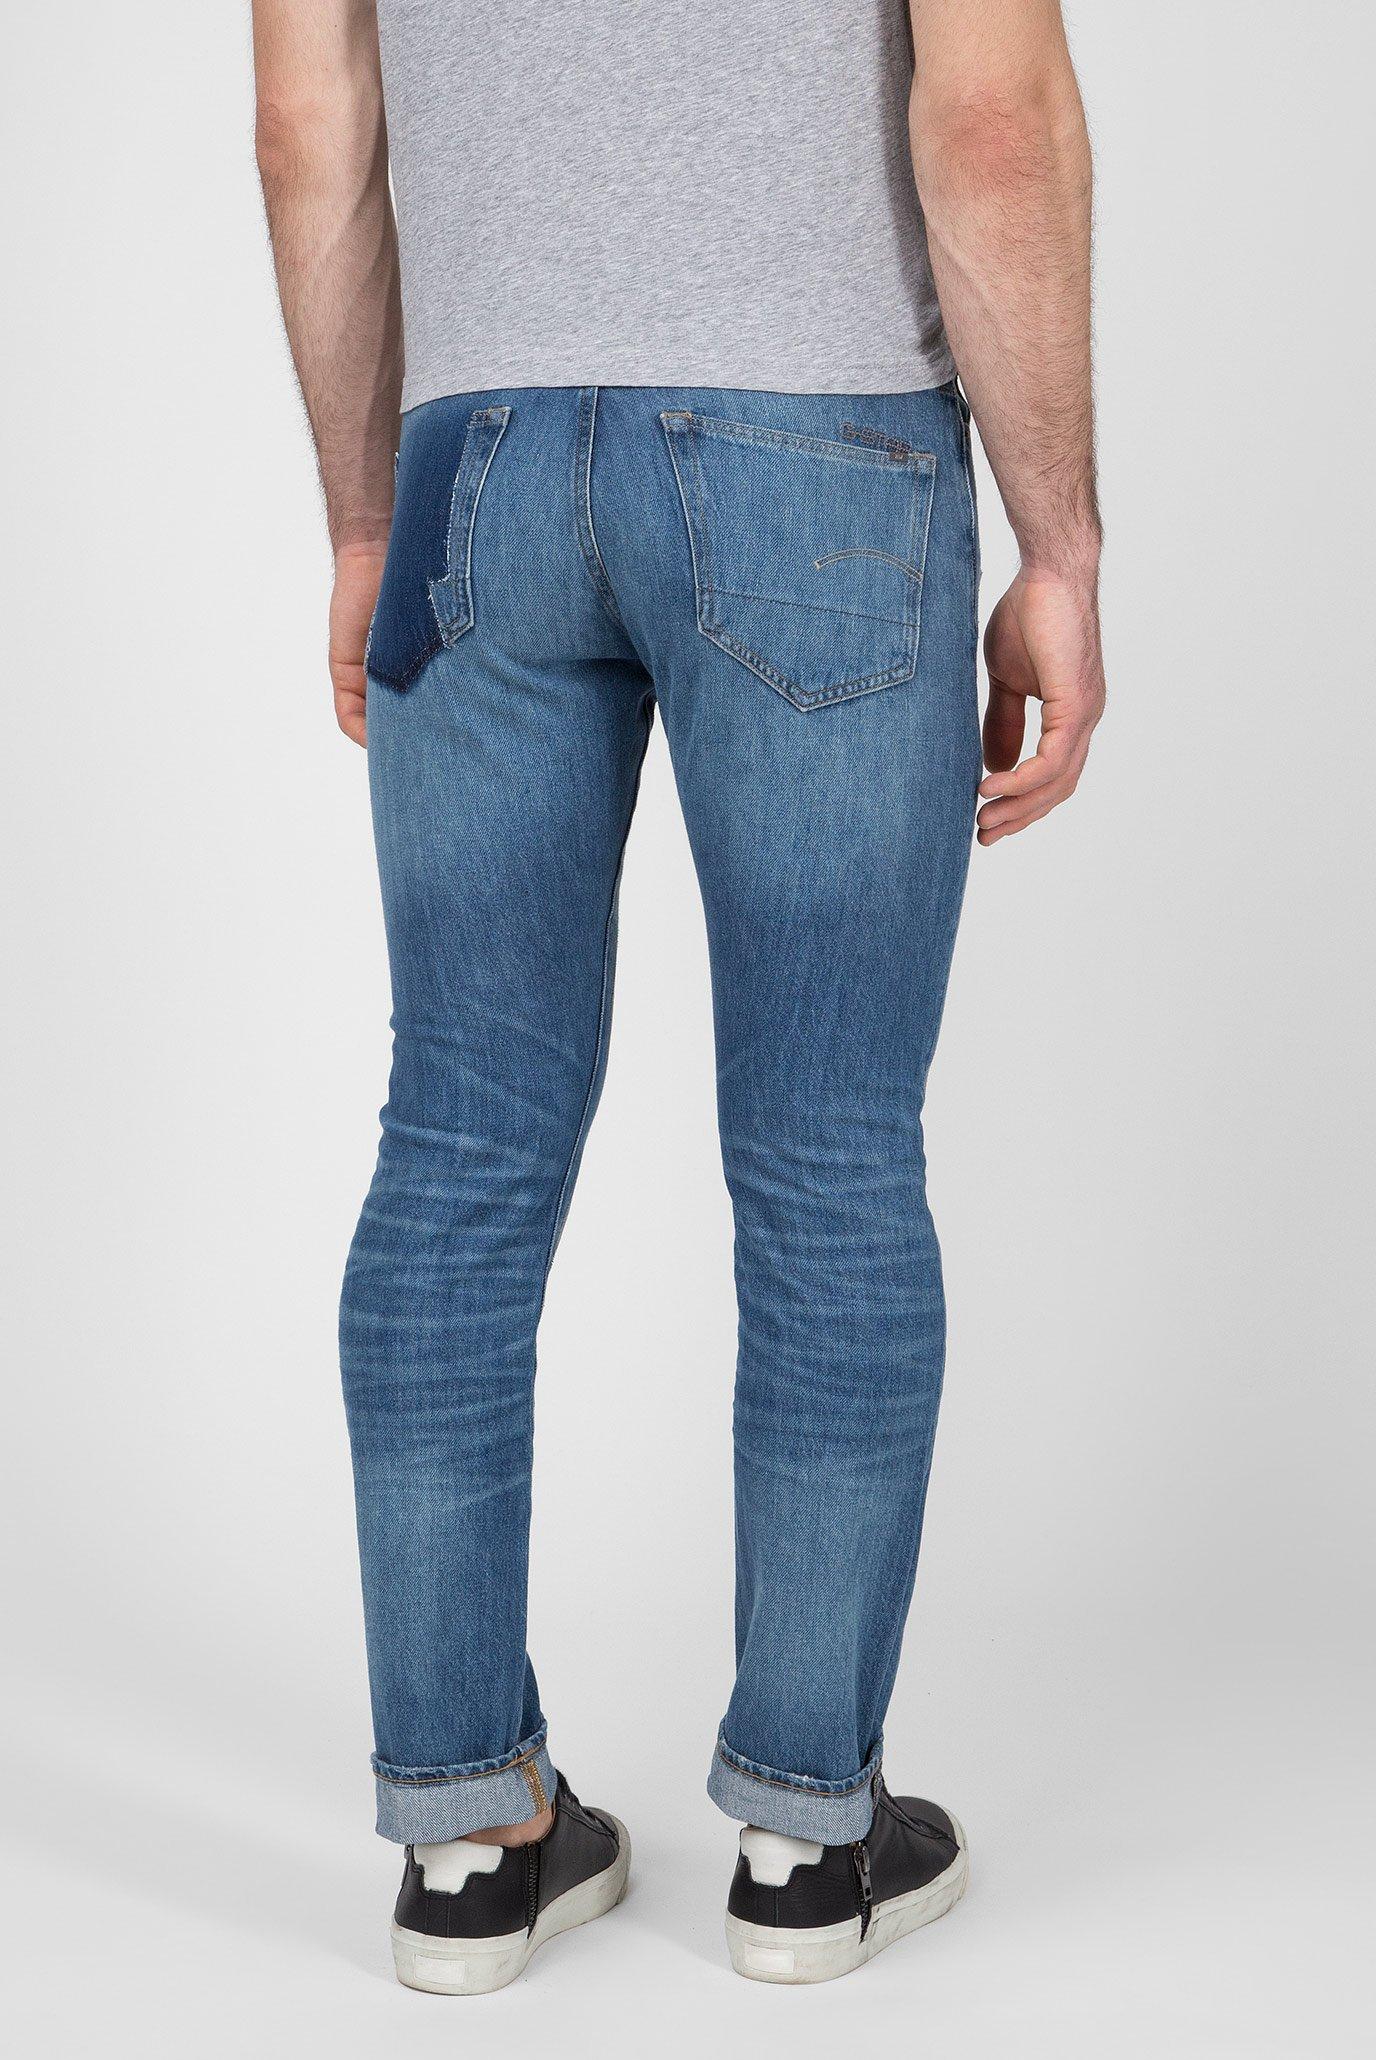 Купить Мужские синие джинсы 3301 G-Star RAW G-Star RAW D13413,9436 – Киев, Украина. Цены в интернет магазине MD Fashion